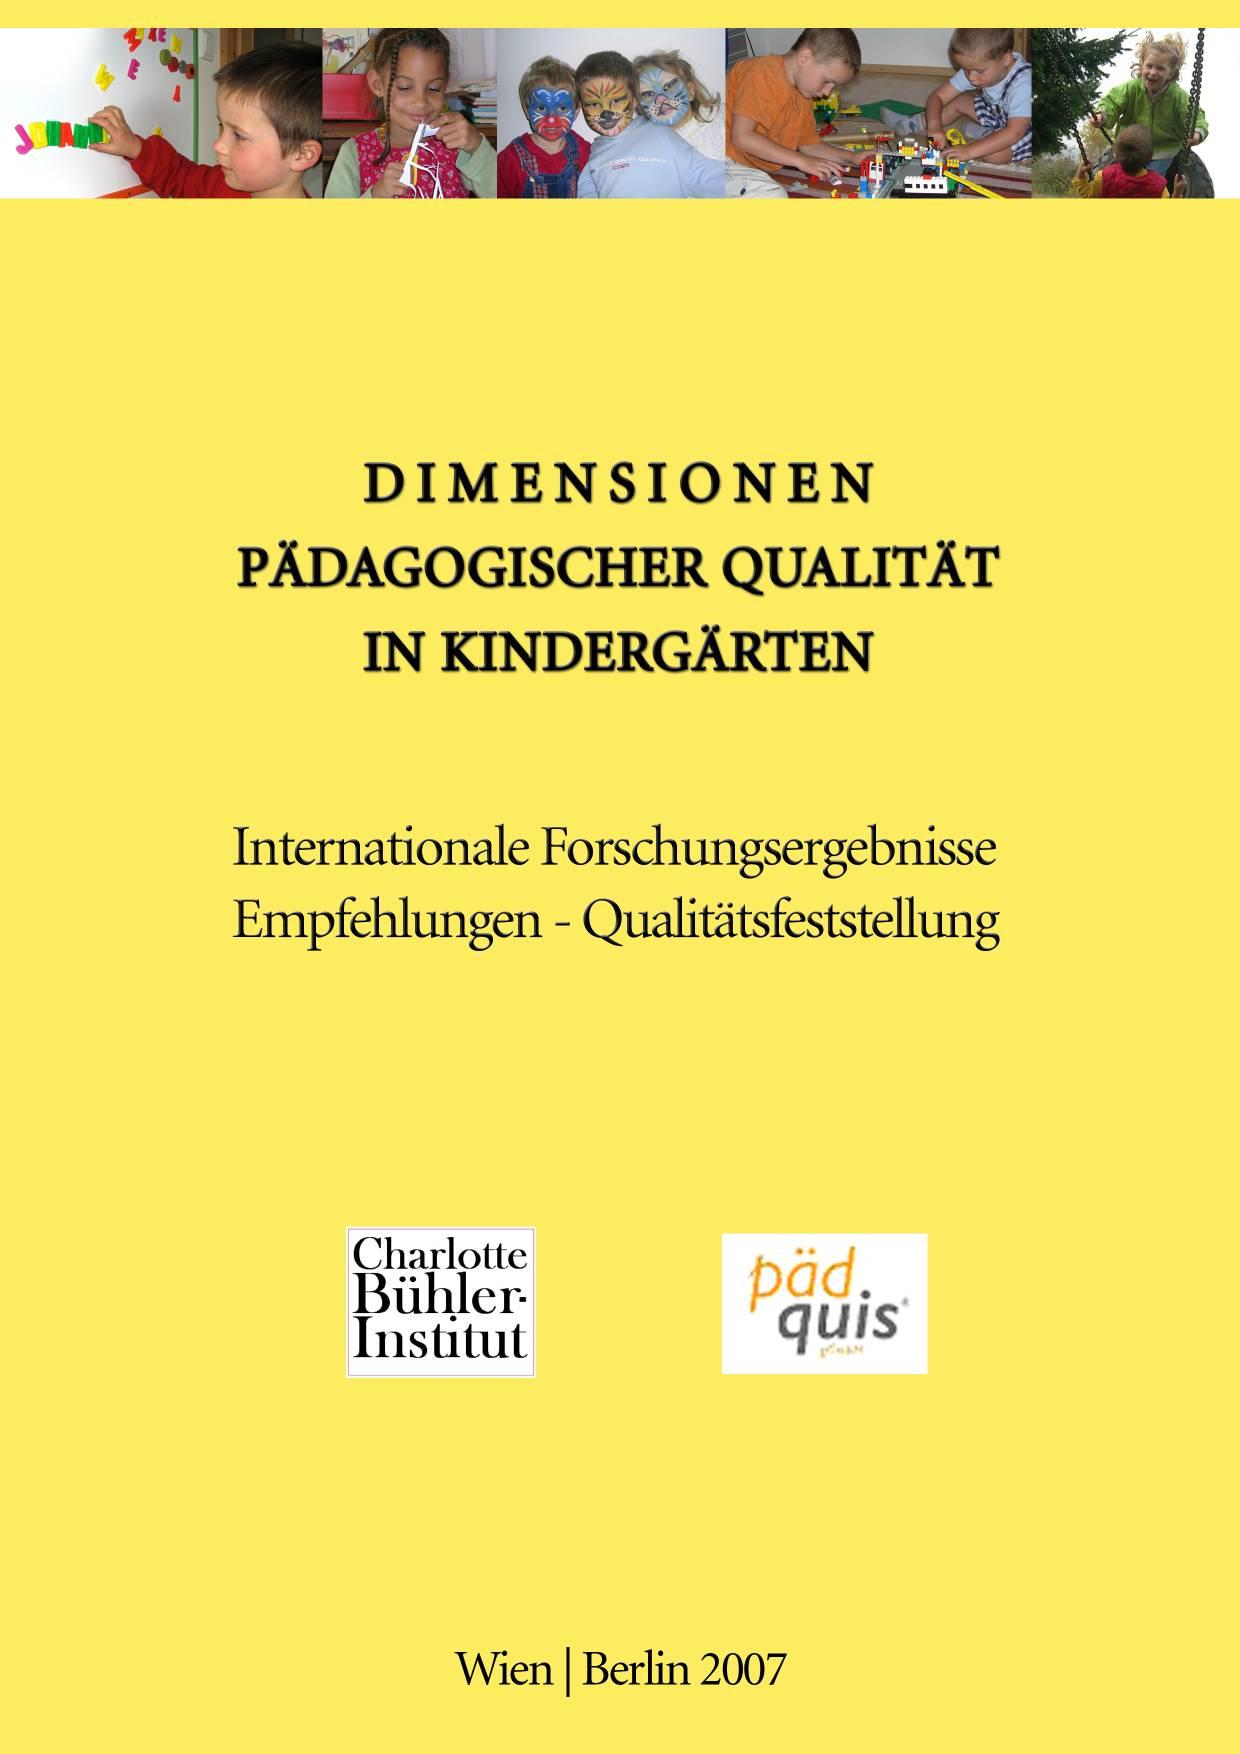 Dimensionen pädagogischer Qualität in Kindergärten